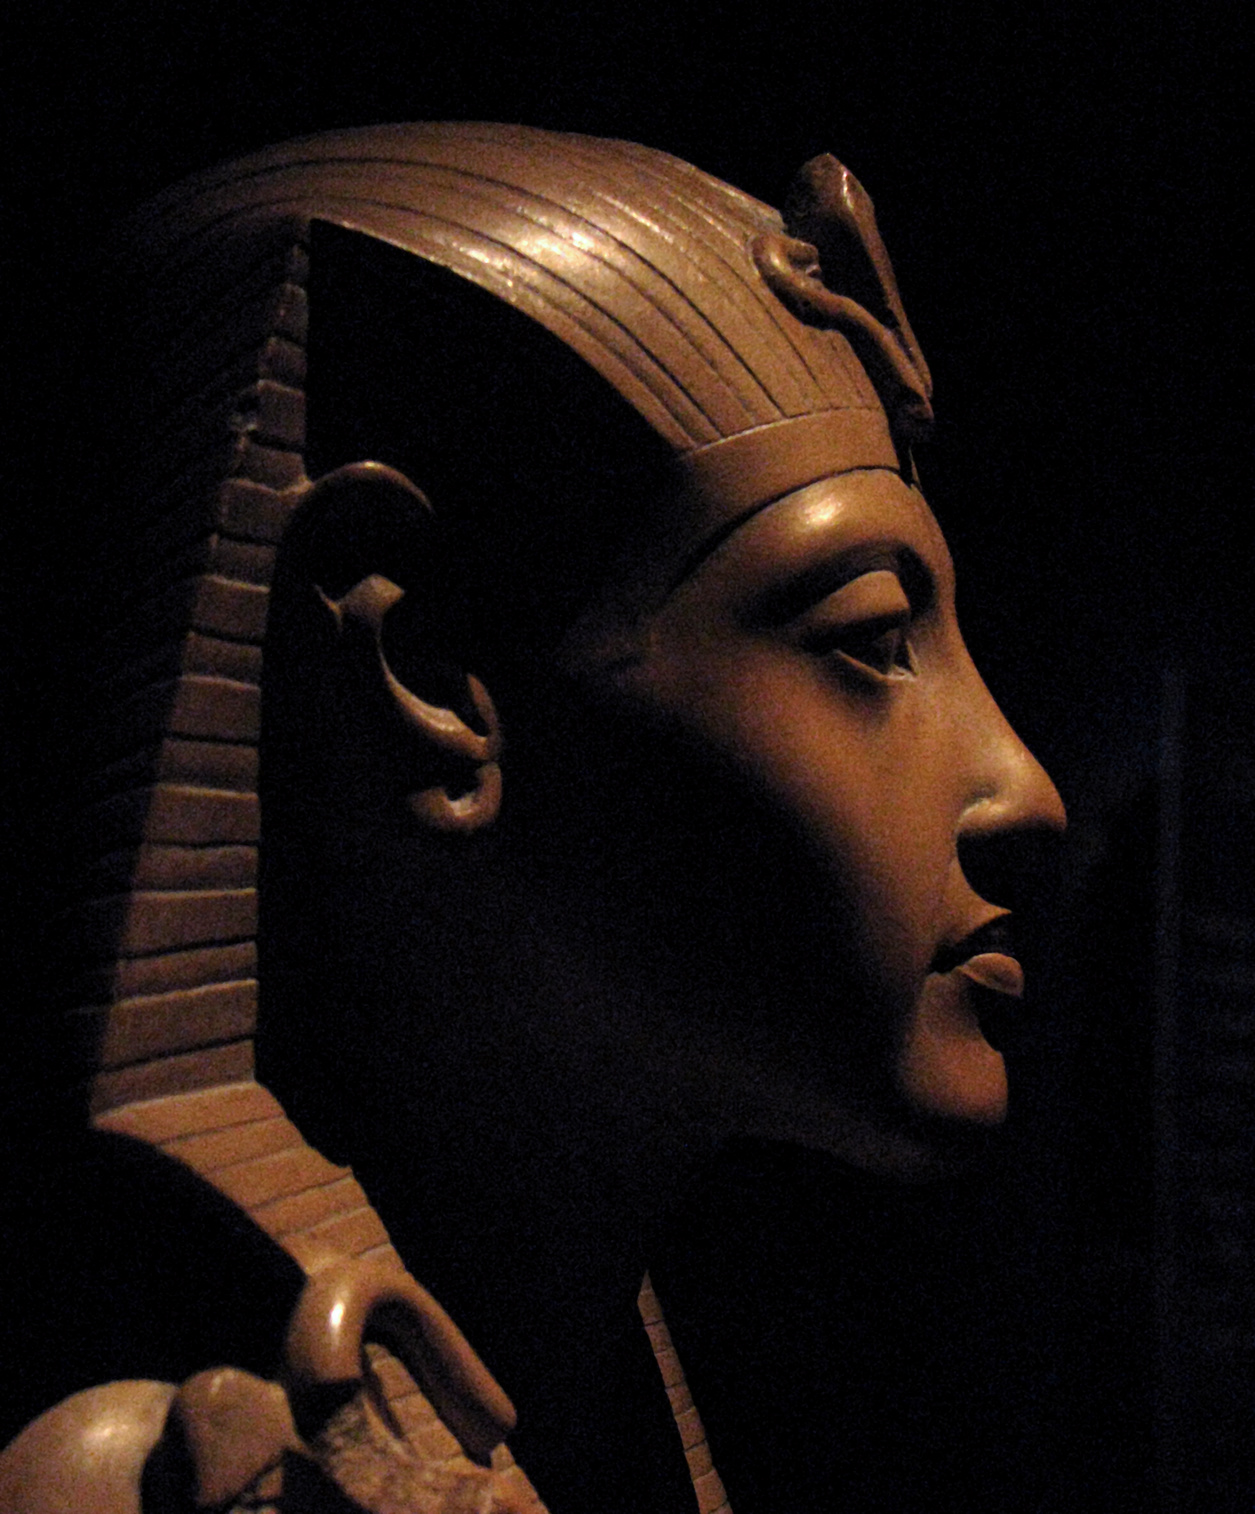 Egypt Wallpaper: Egyptian Pharaoh Wallpaper